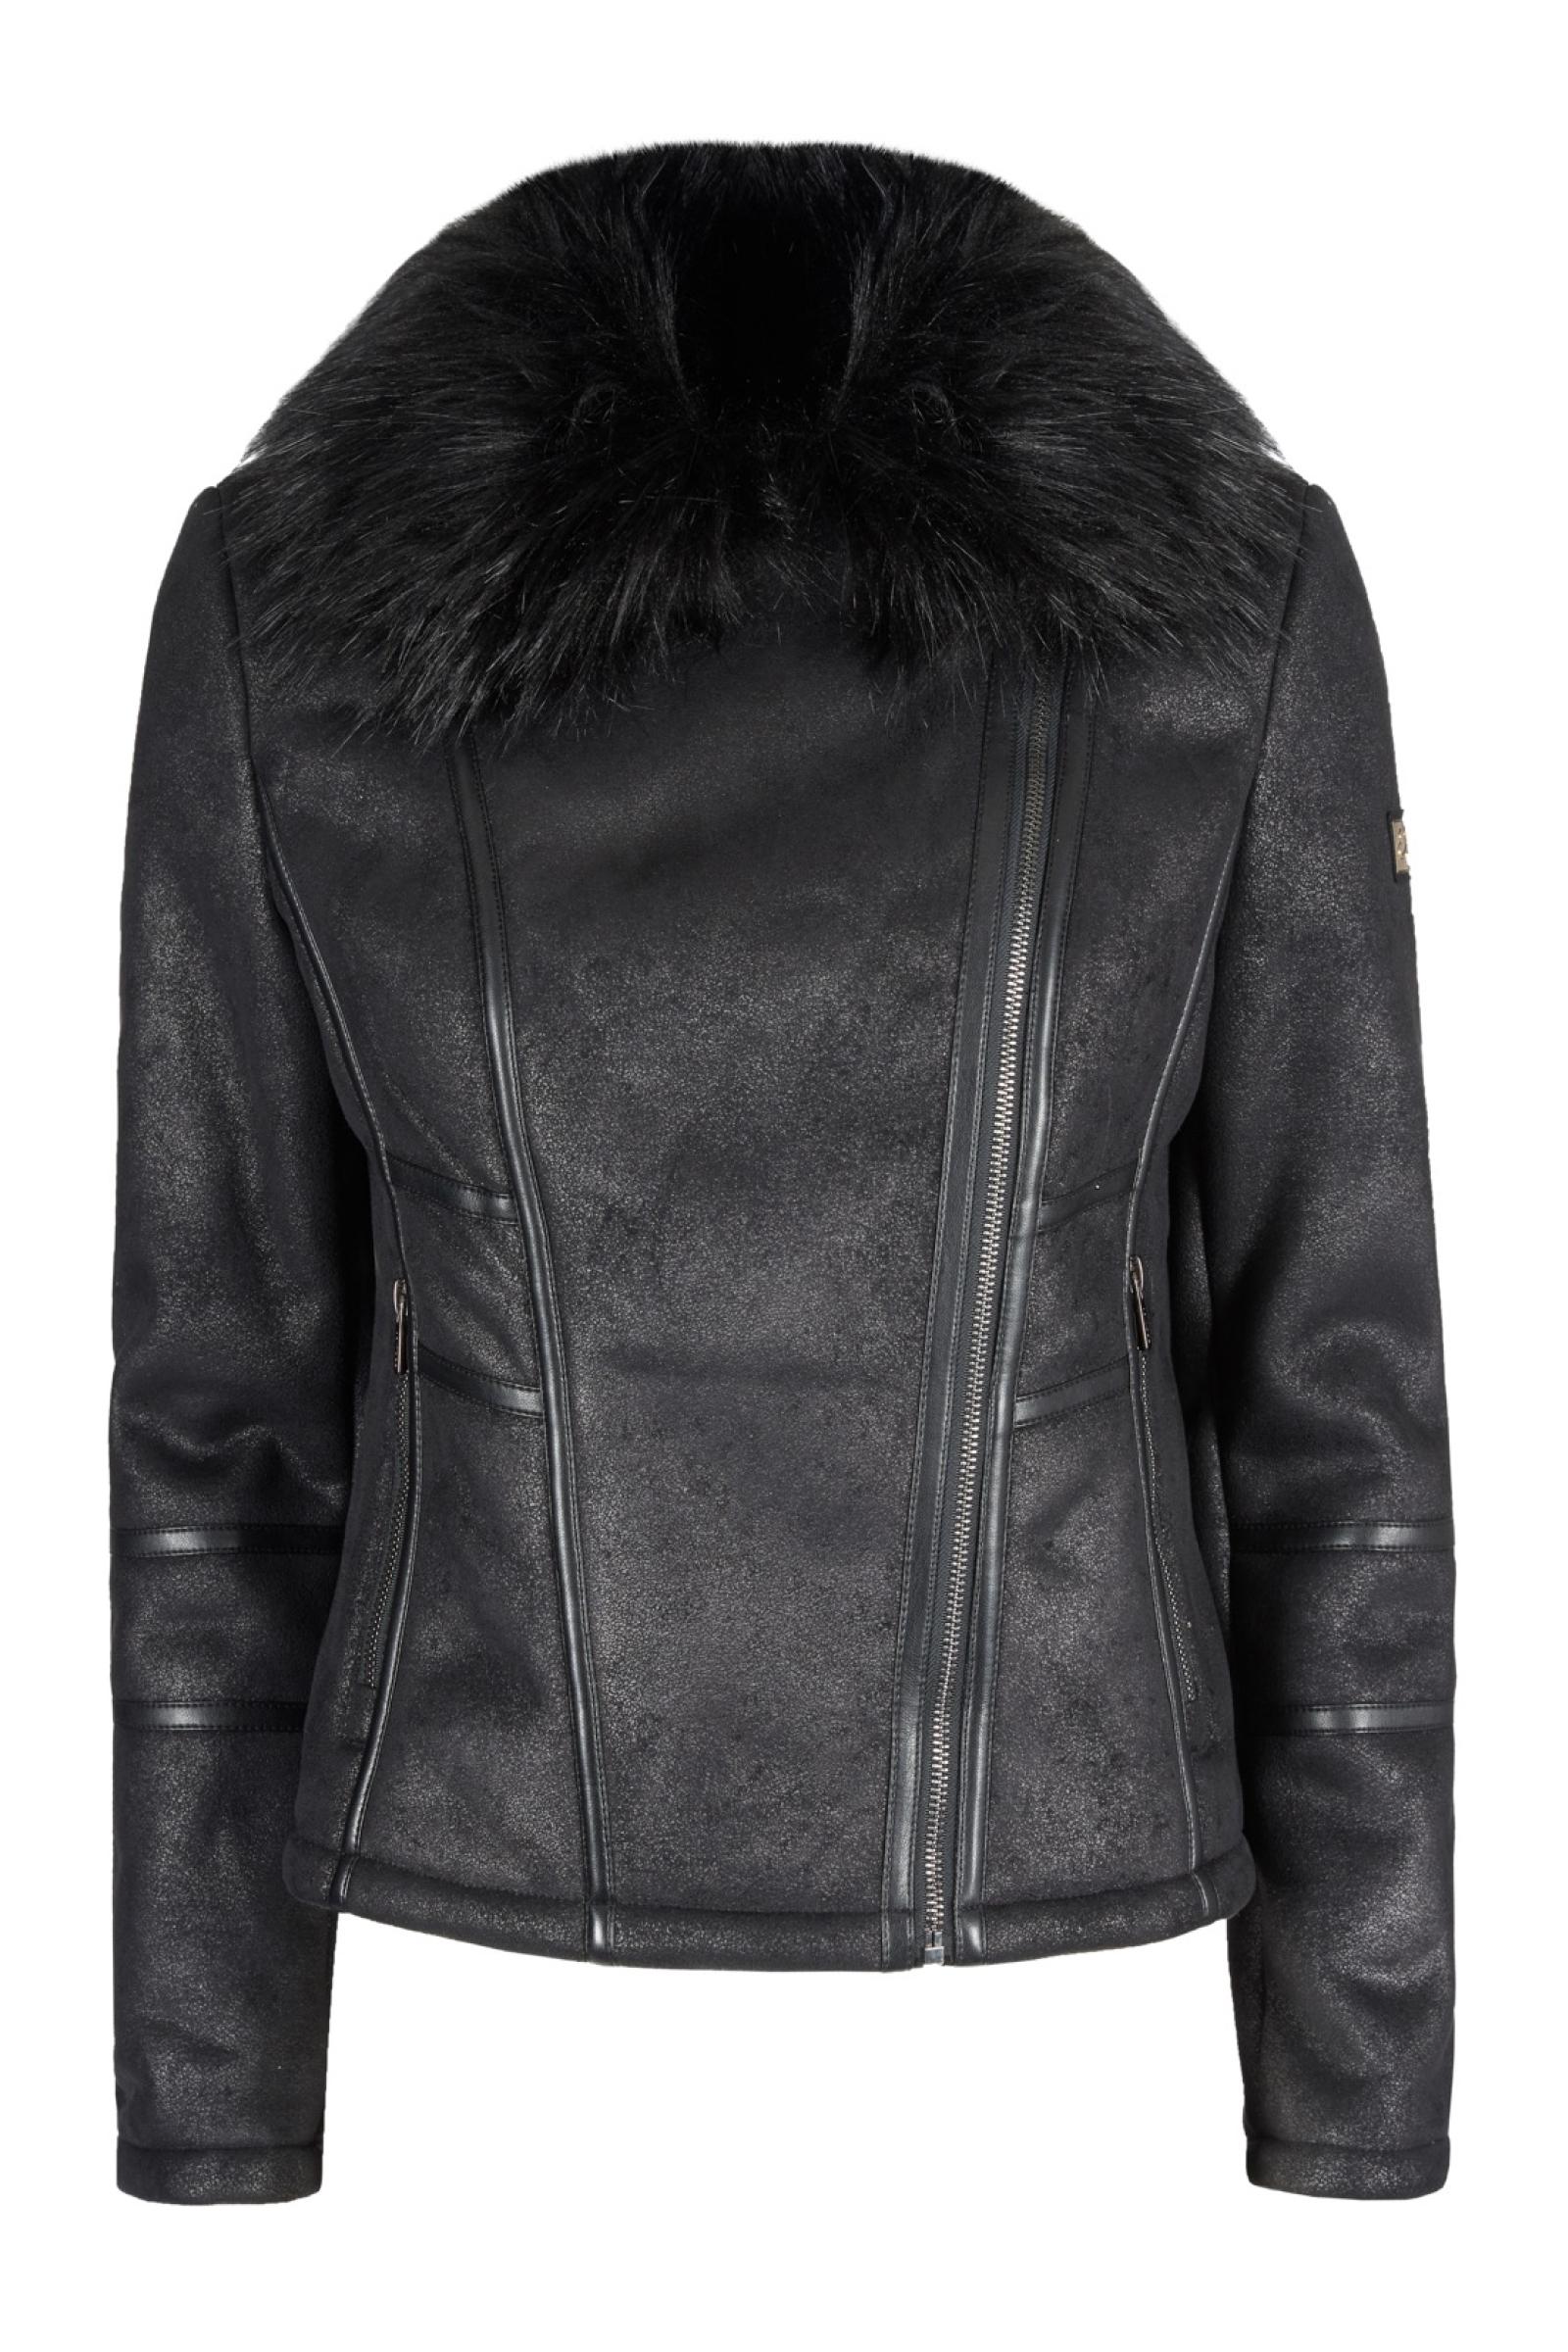 YES.ZEE   Jacket   J021 GS000801